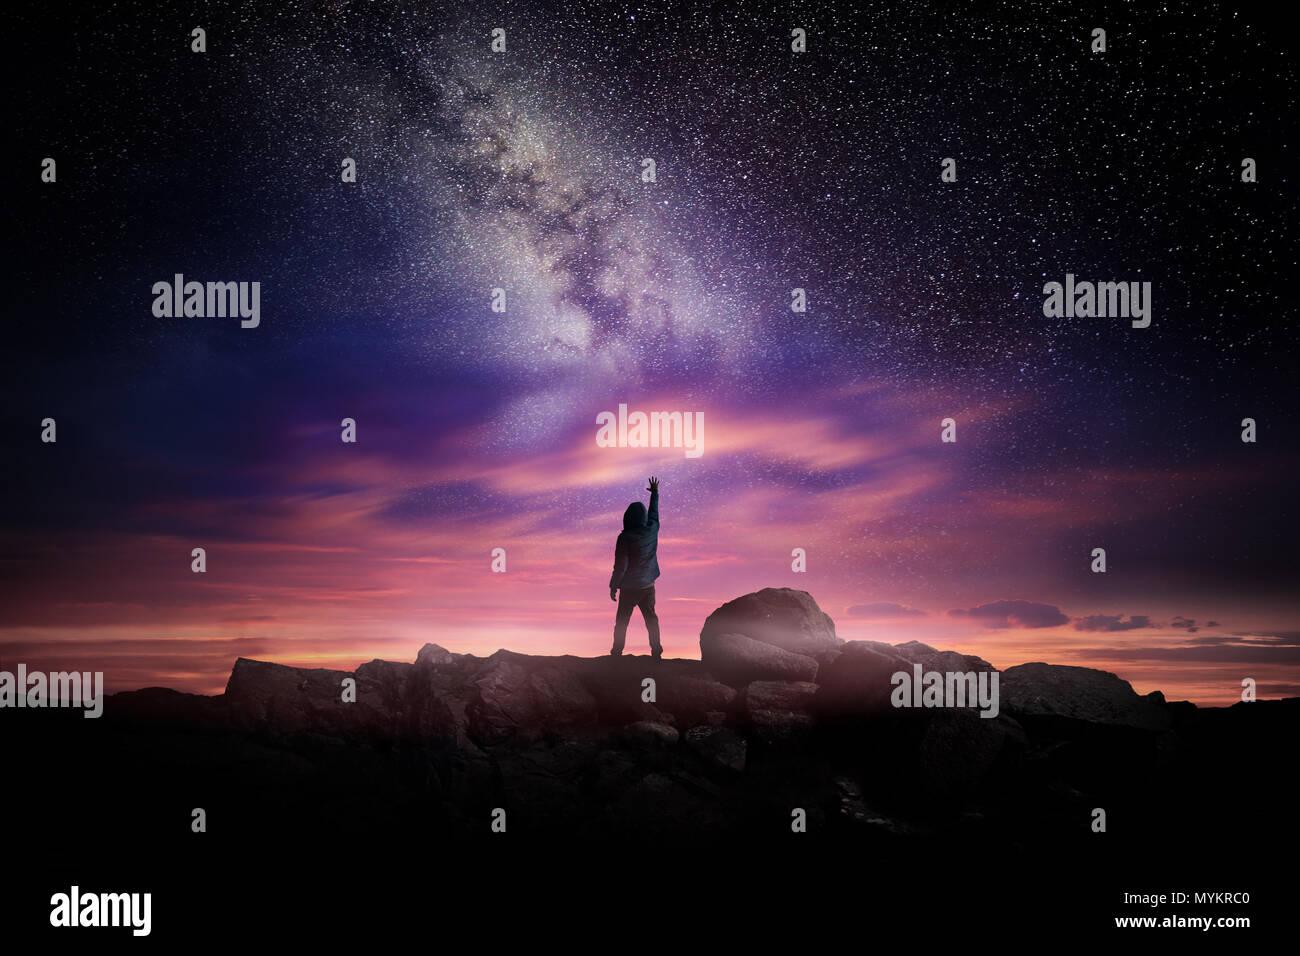 Tempo di notte lunga esposizione fotografia paesaggistica. Un uomo in piedi in un alto luogo portandosi fino a meraviglia per la Via Lattea, foto composite. Immagini Stock